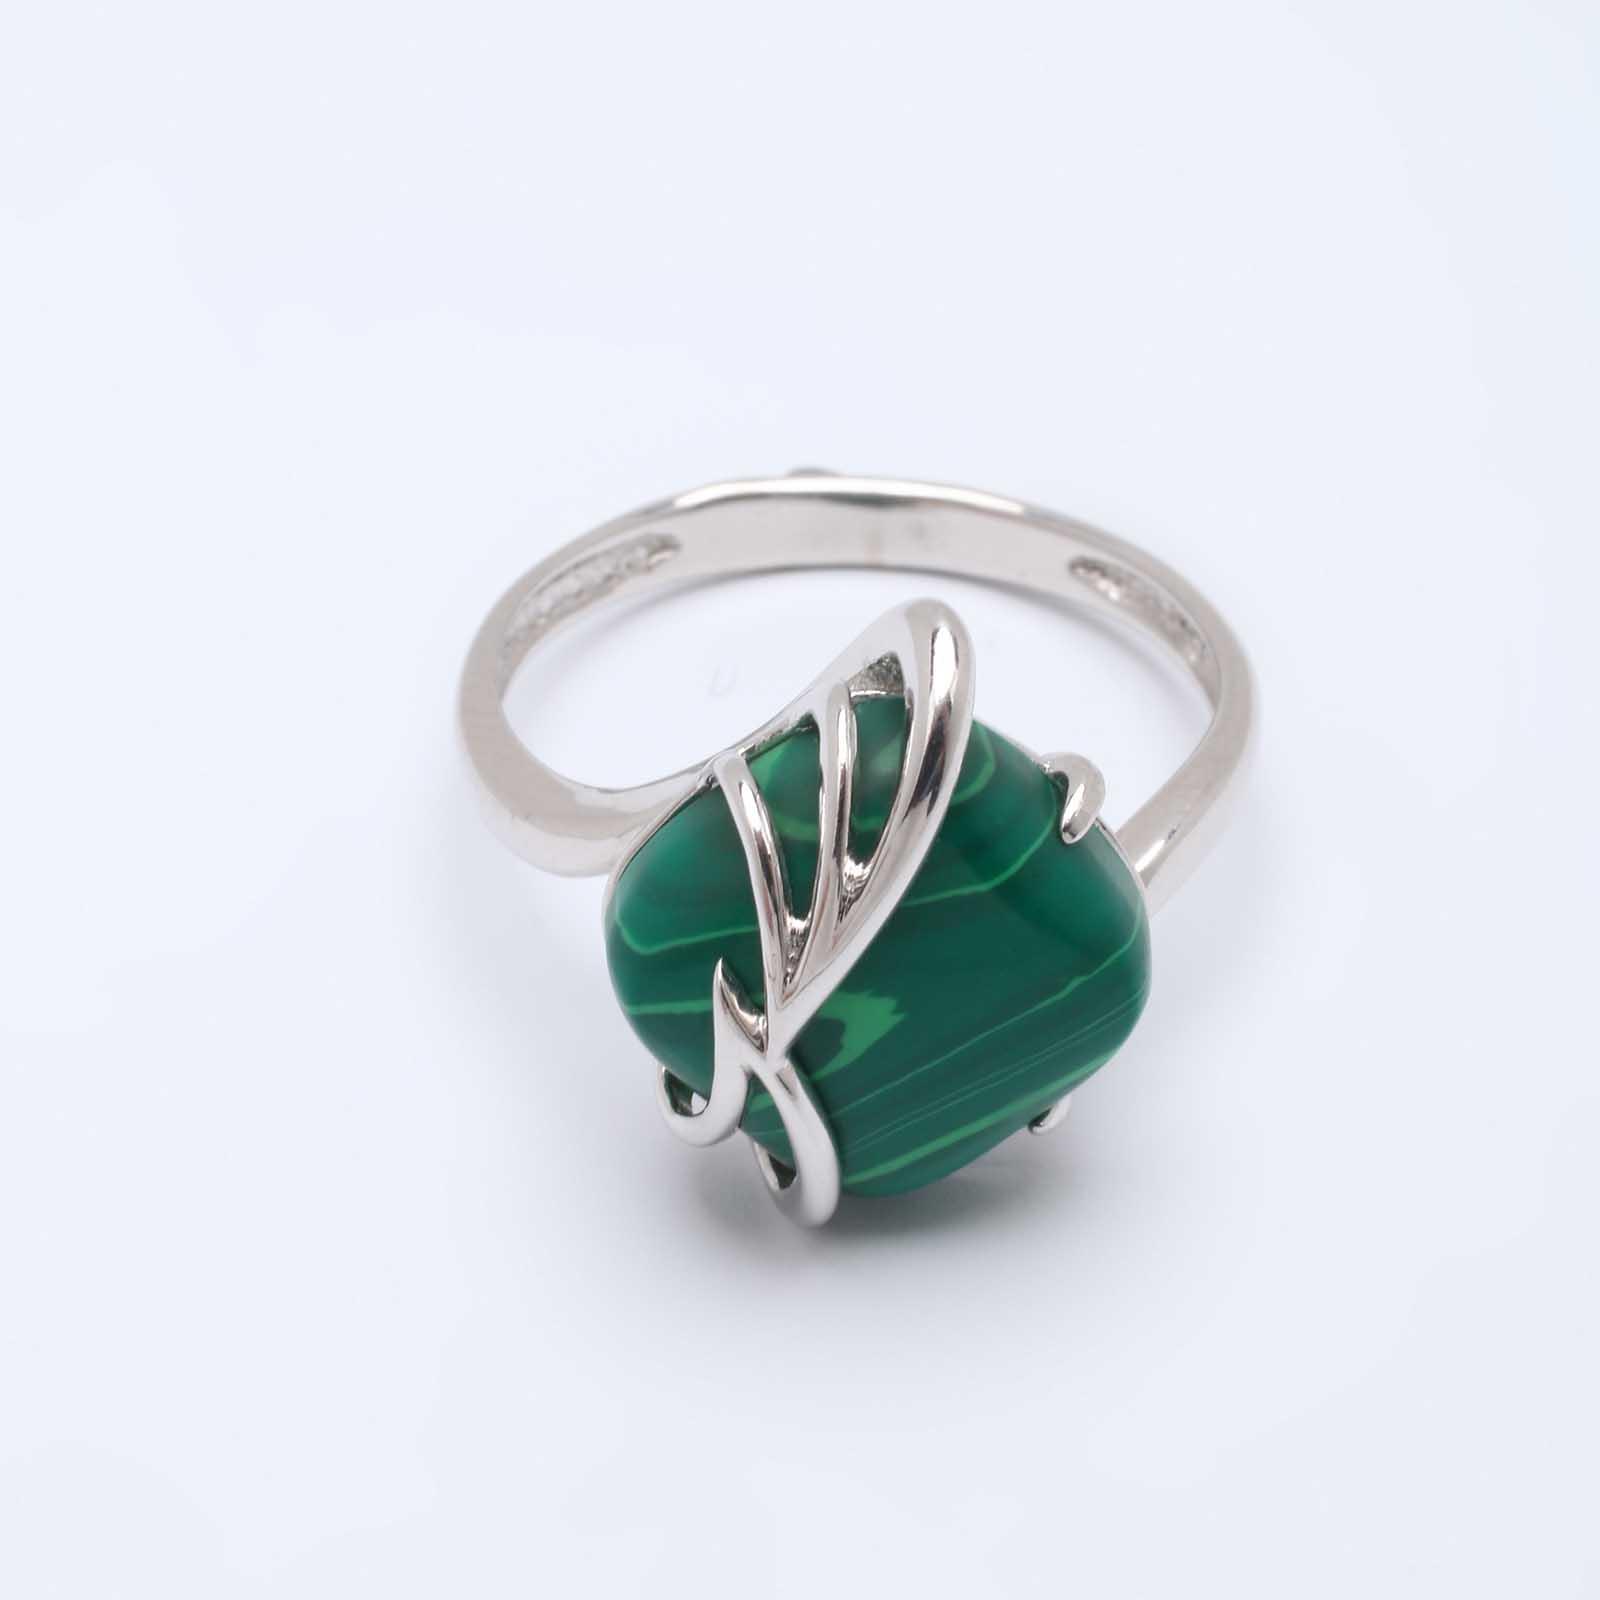 серебряные кольца женские купить интернет